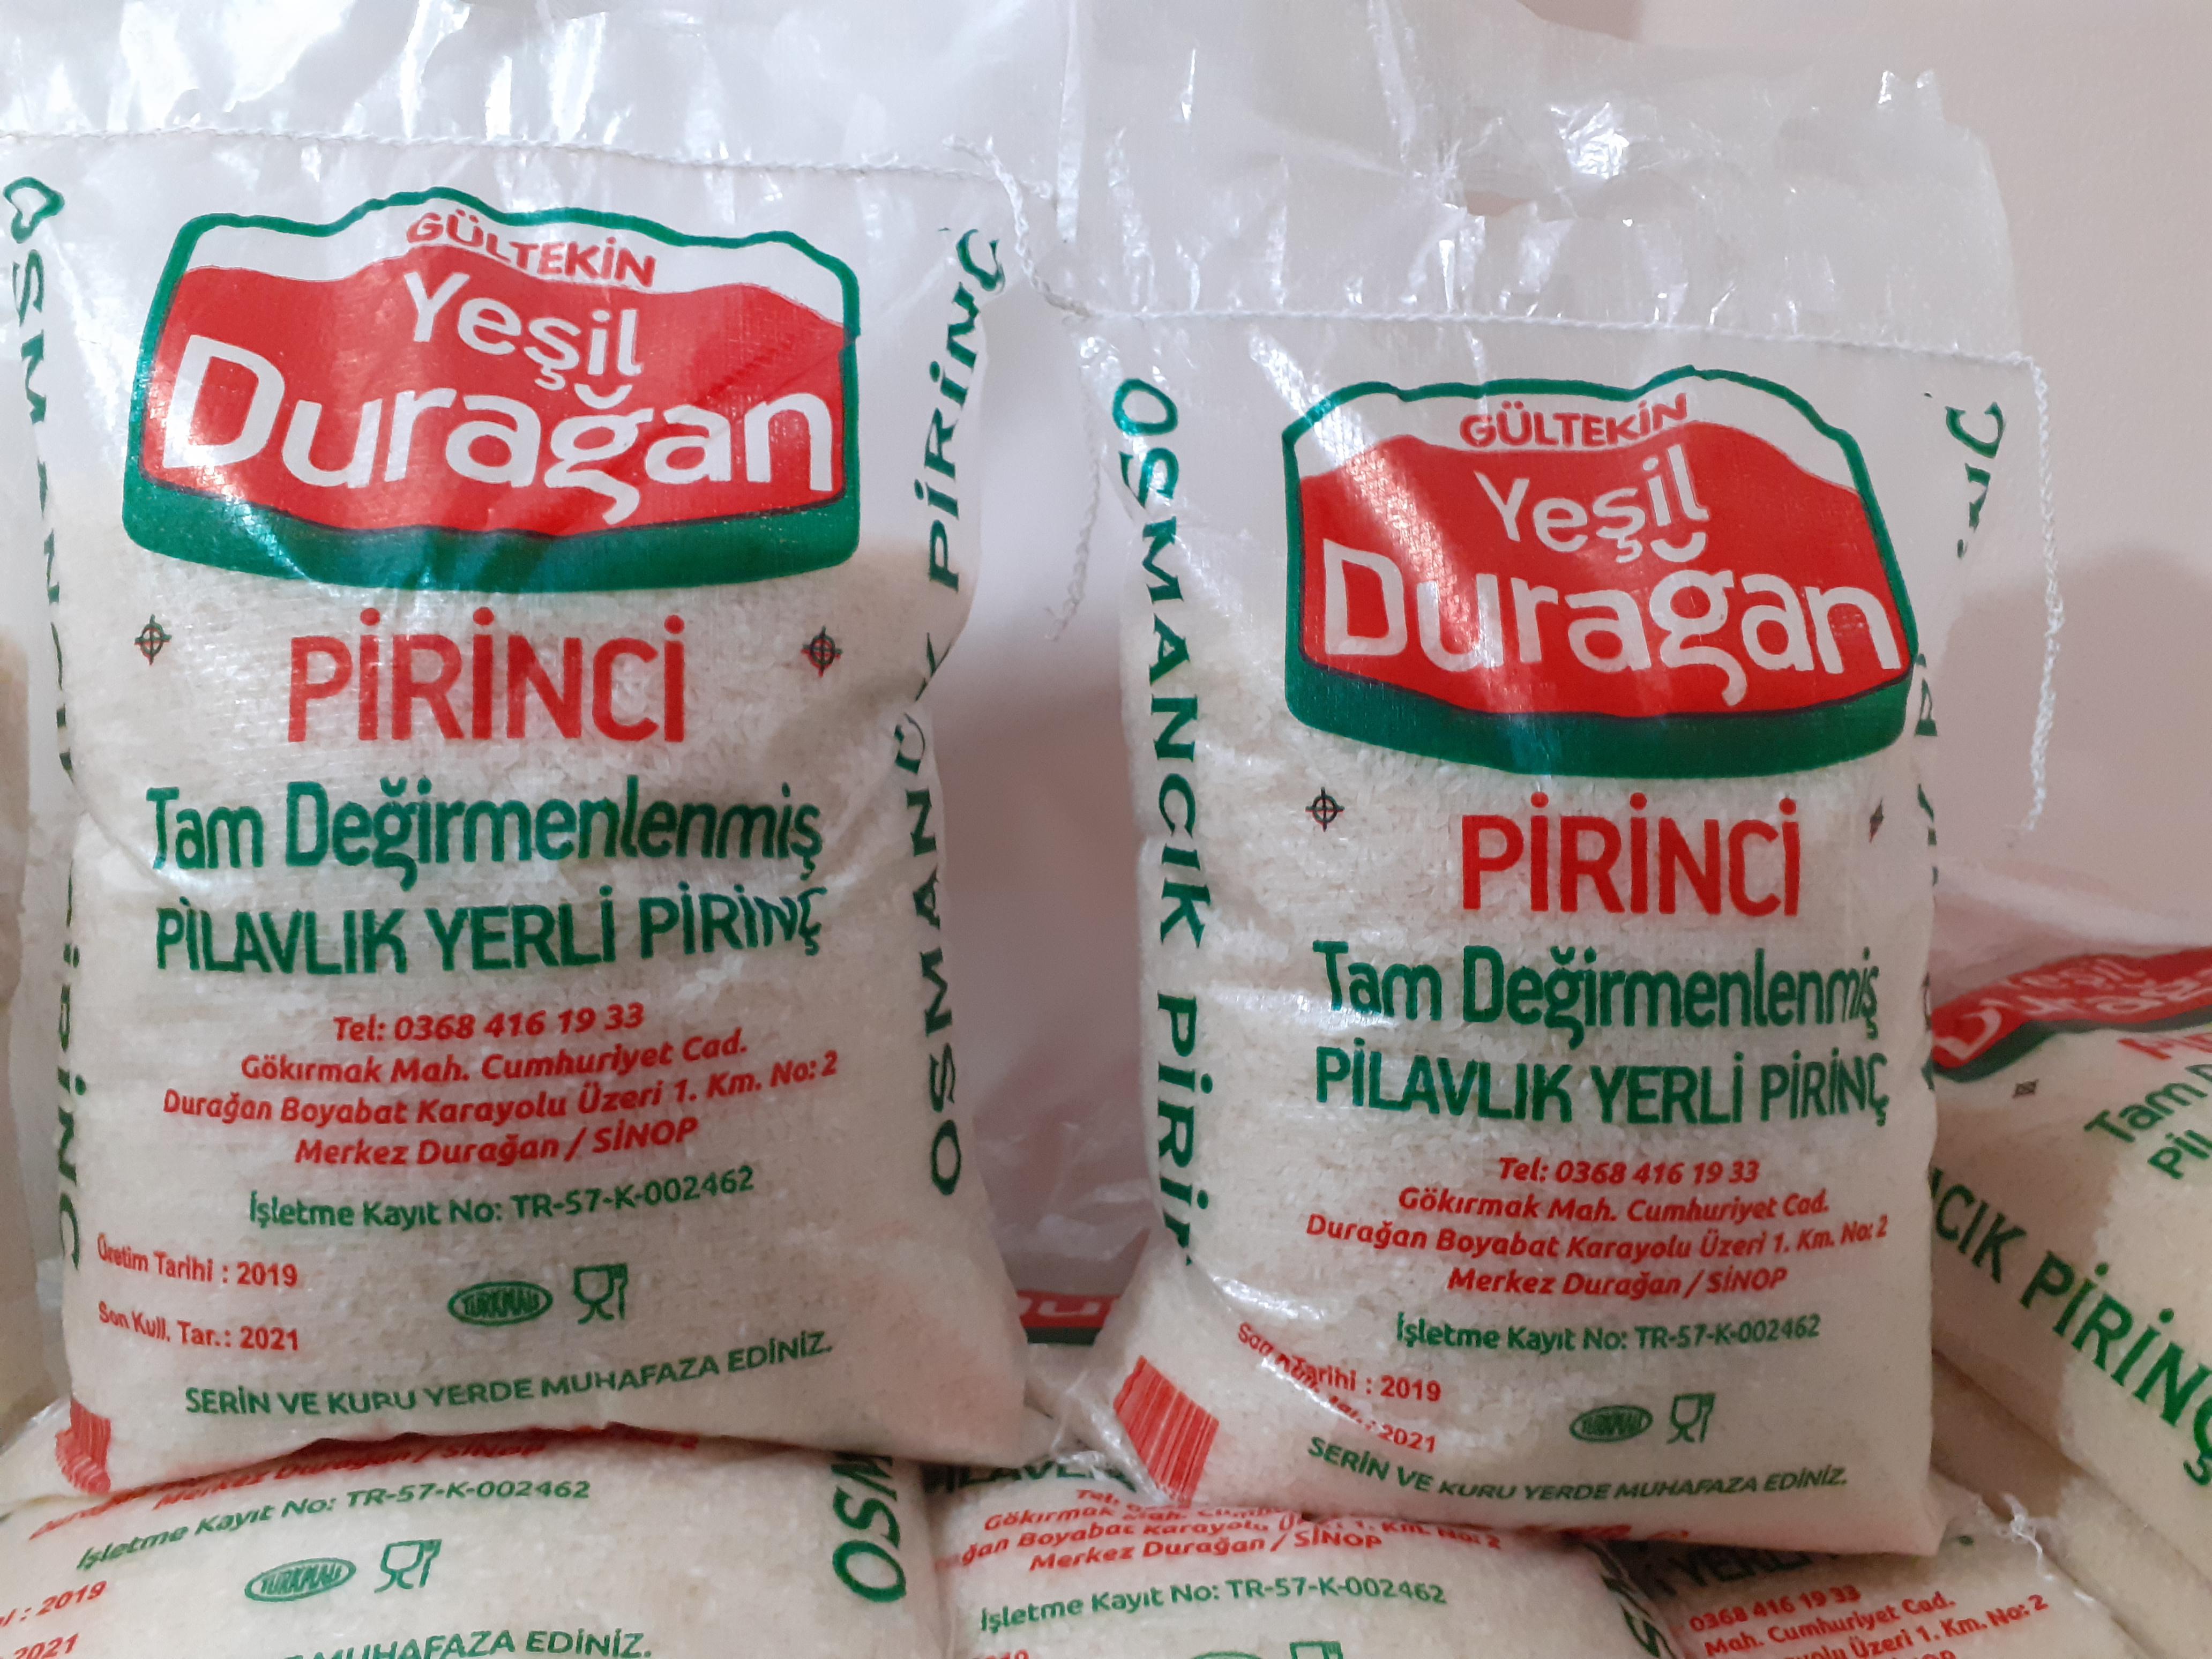 Pirinç - Üretici Sinop Yöresel Ürünleri 7 tl fiyat ile 2 kilogram pirinç  satmak istiyor